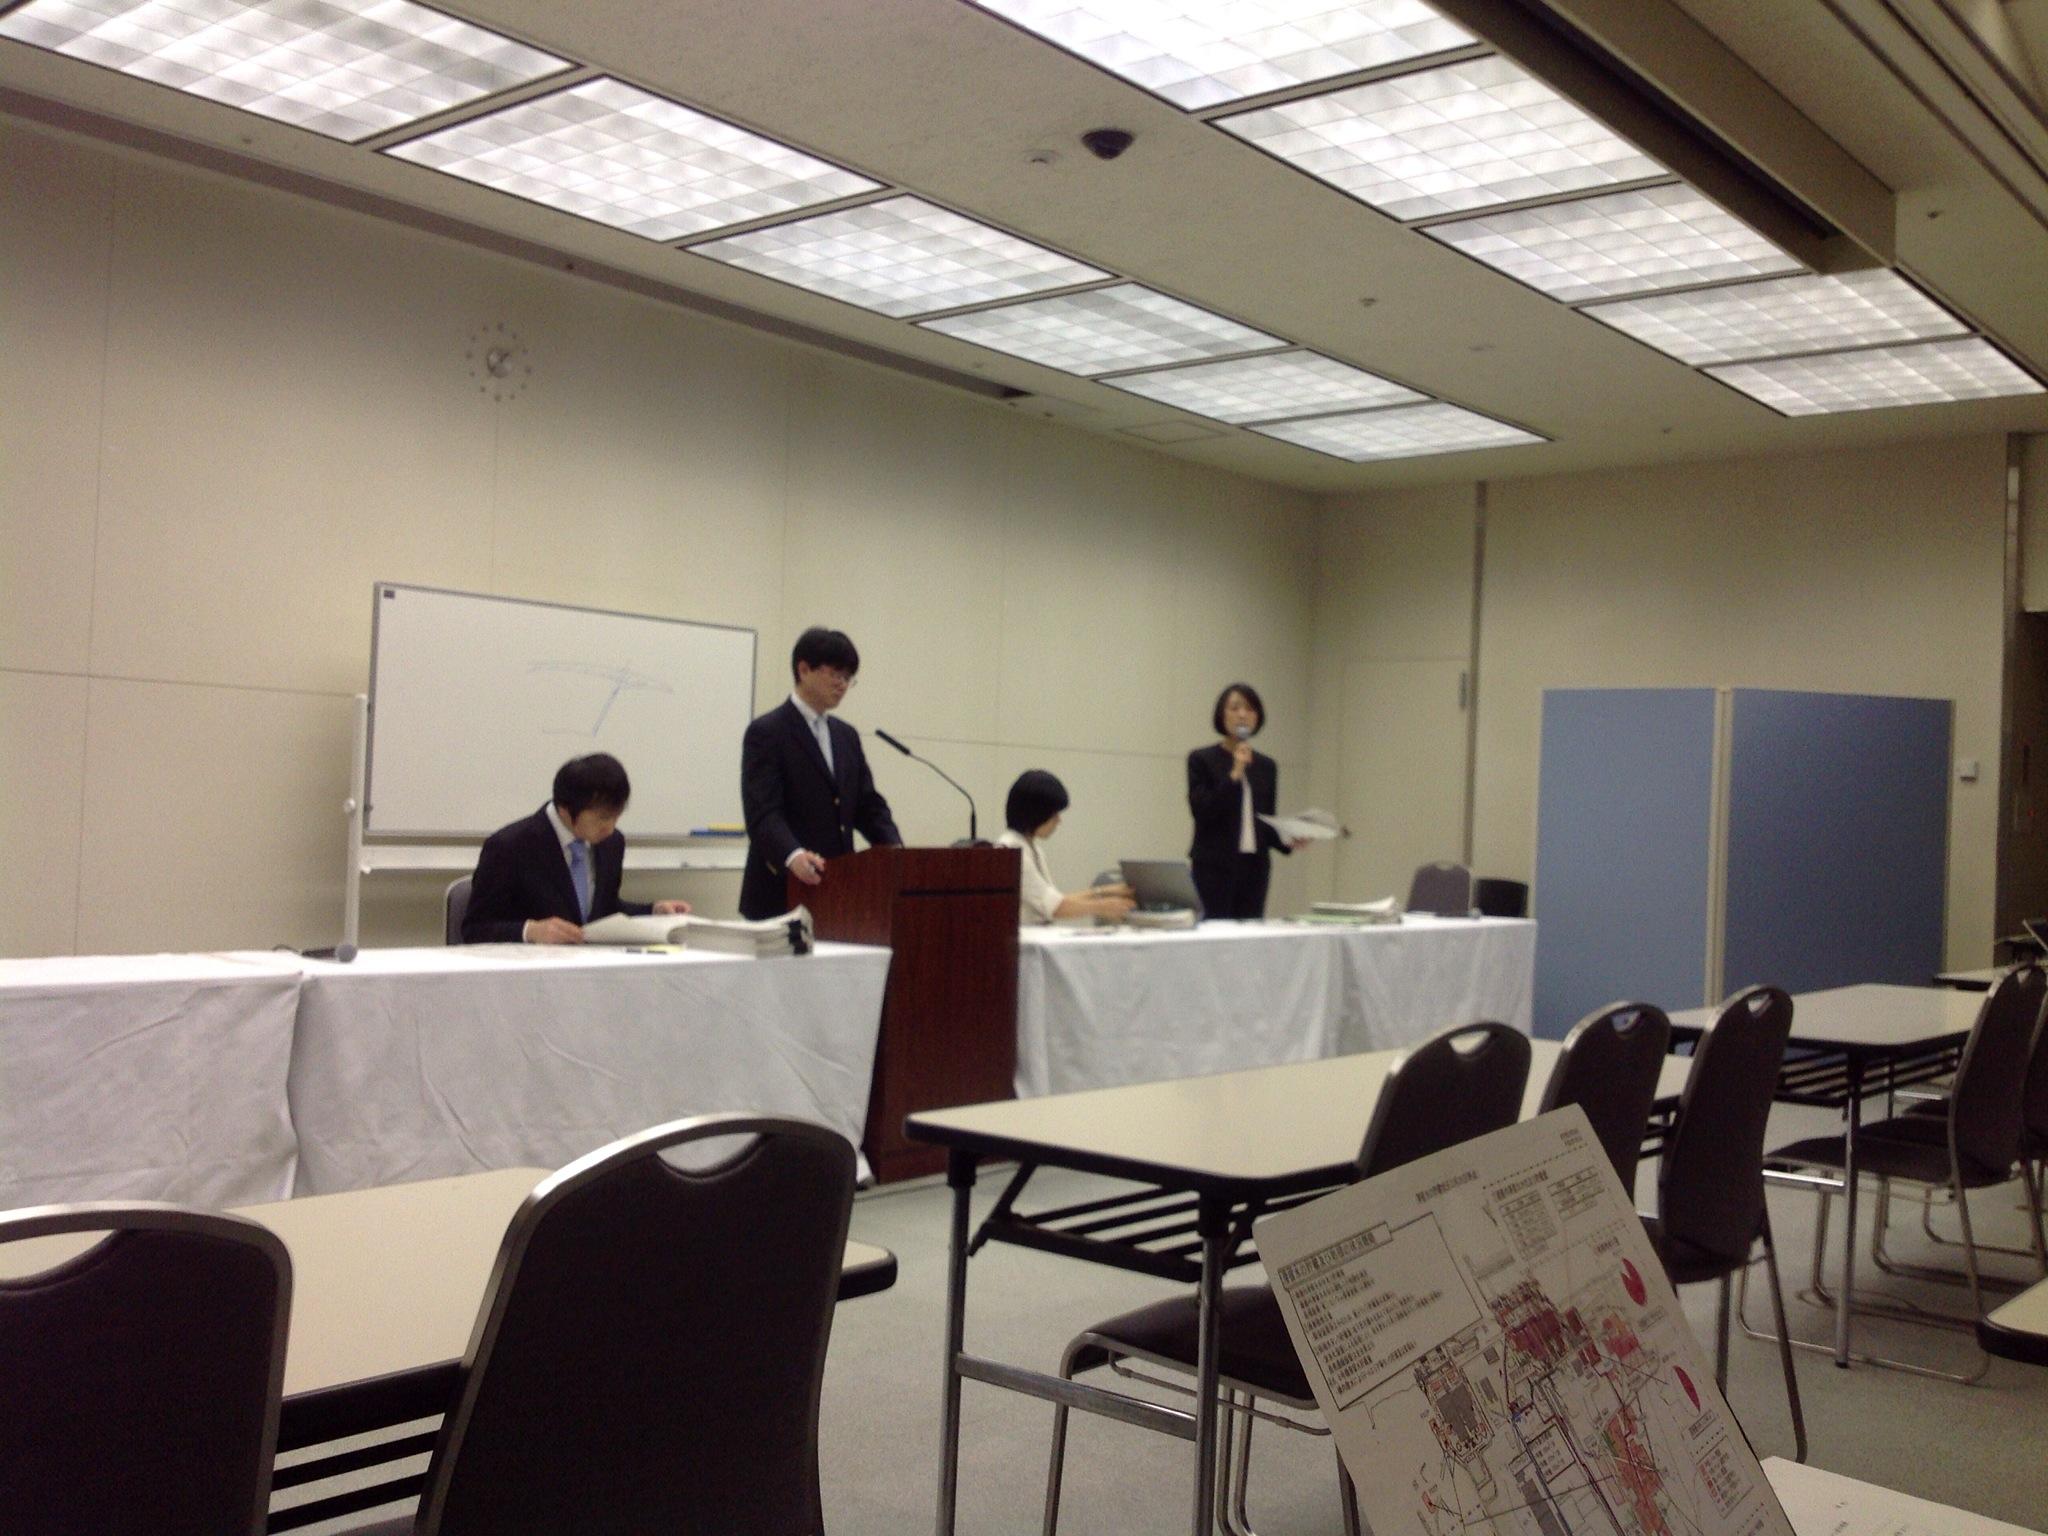 http://daily.magazine9.jp/m9/oshidori/IMG_4978.JPG